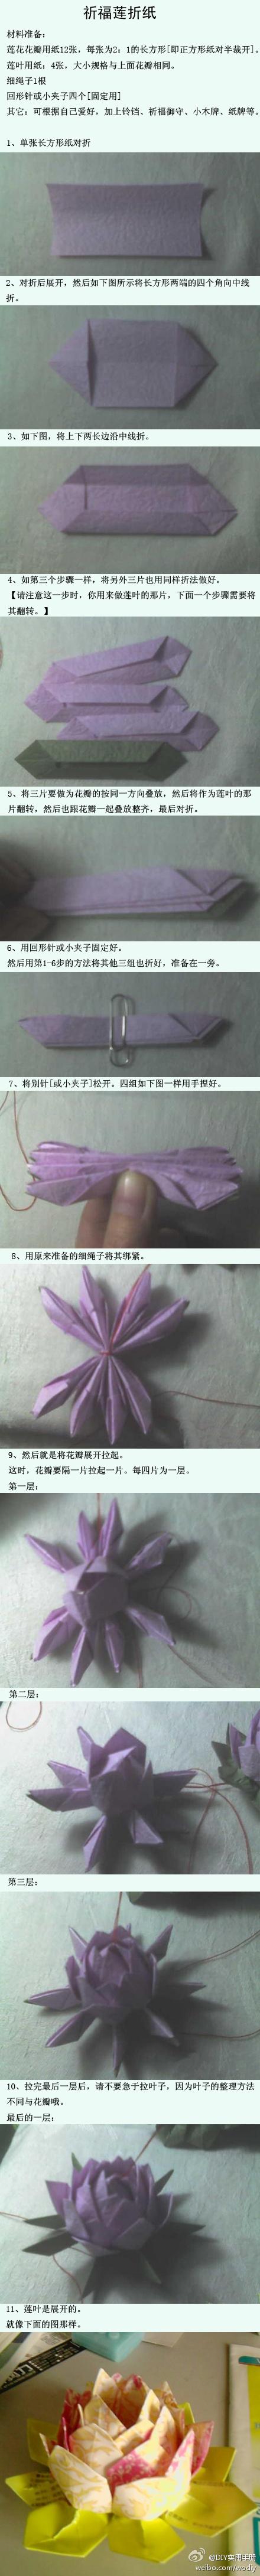 终于找到了,蓟折纸…_来自circlebulu的图片分享-堆糖网